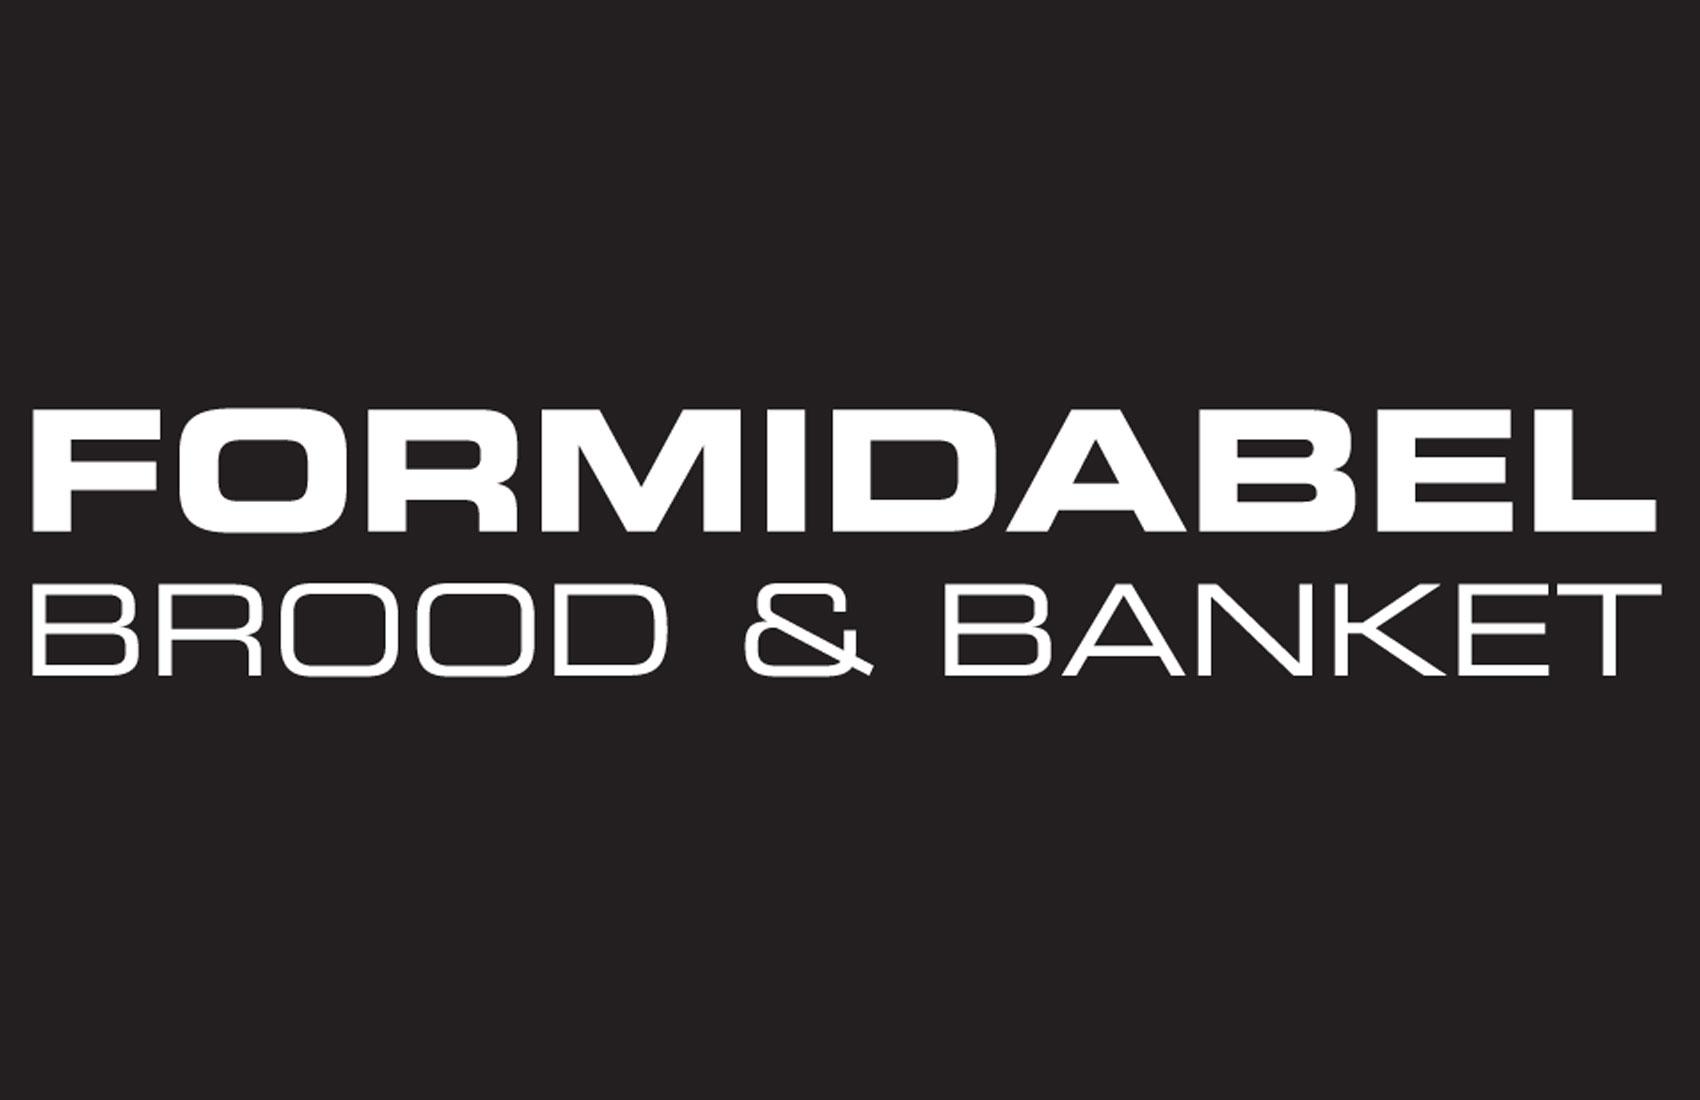 FORMIDABEL Brood & Banket